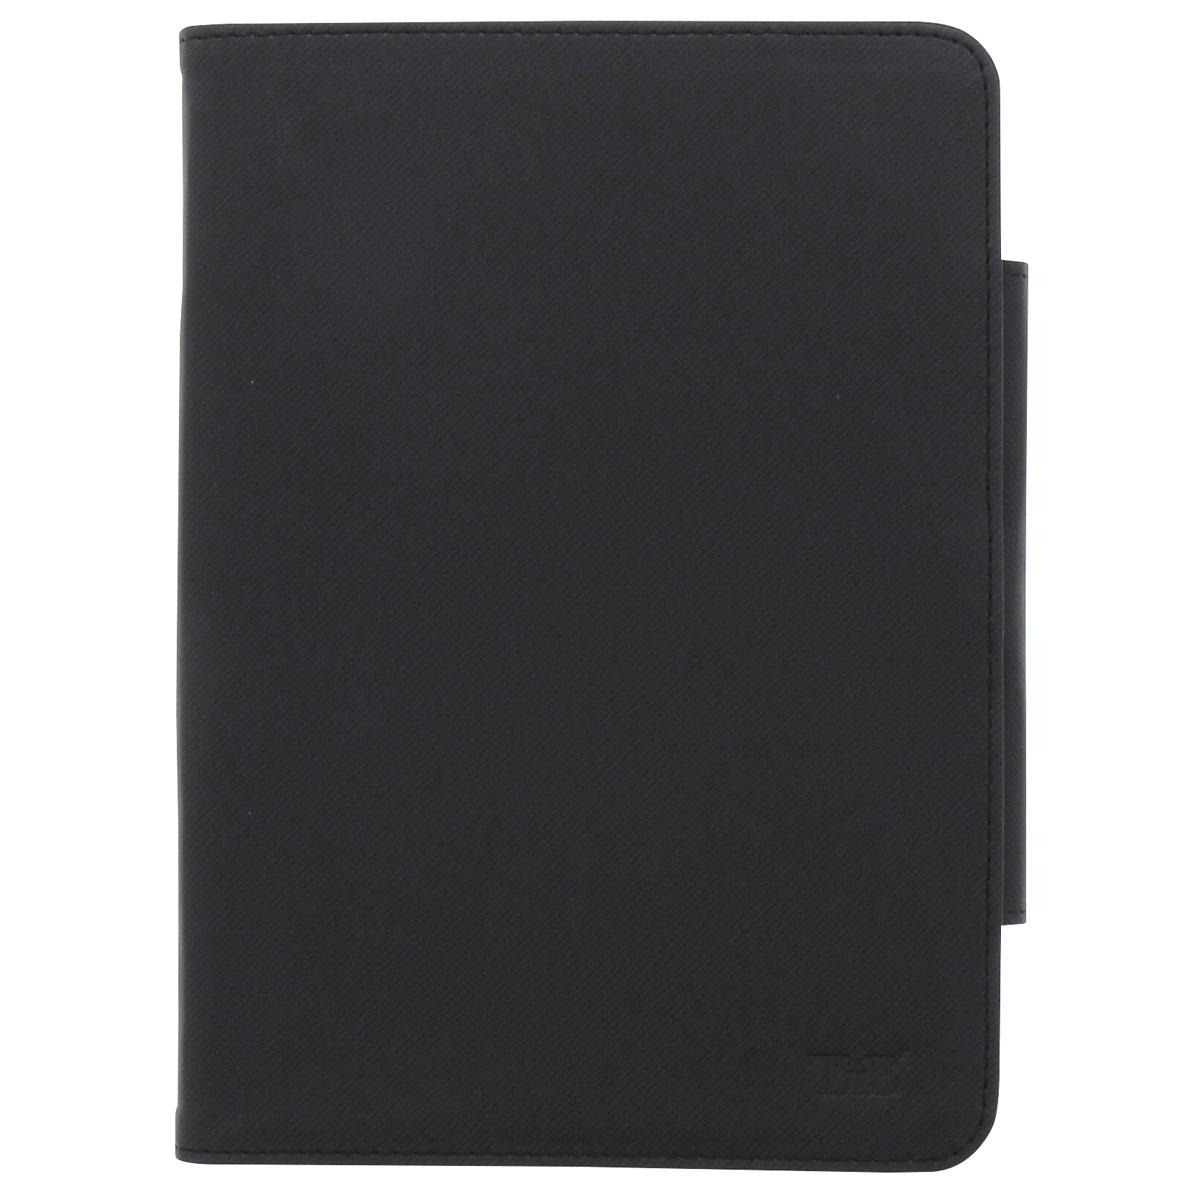 TNB TABREGBK7 универсальный чехол для планшета 7, BlackTABREGBK7Универсальный чехол TNB TABREGBK7 для планшетов с диагональю 7 - это стильный и лаконичный аксессуар, позволяющий сохранить устройство в идеальном состоянии. Надежно удерживая технику, обложка защищает корпус и дисплей от появления царапин, налипания пыли. Его также можно использовать как подставку для чтения или просмотра фильмов. Имеет свободный доступ ко всем разъемам устройства.